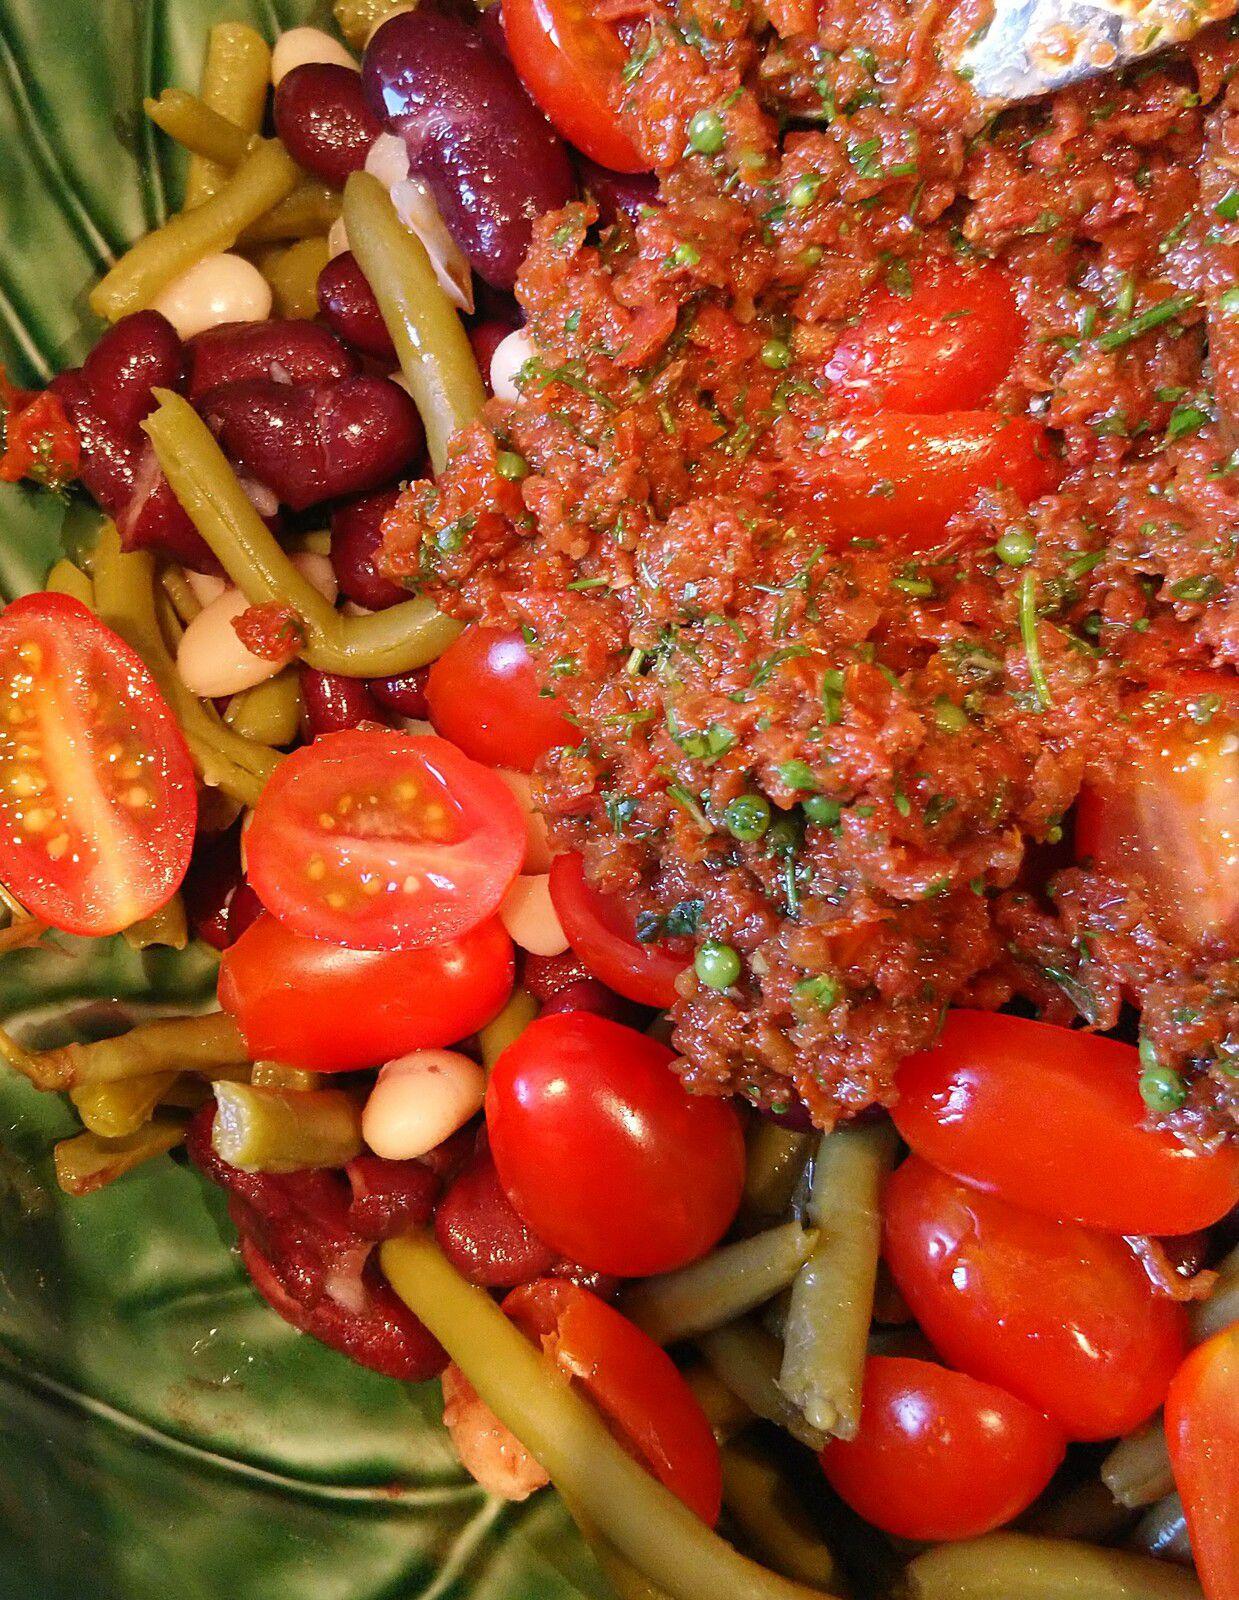 Recette salade veggie protéinée avec haricots et tomates